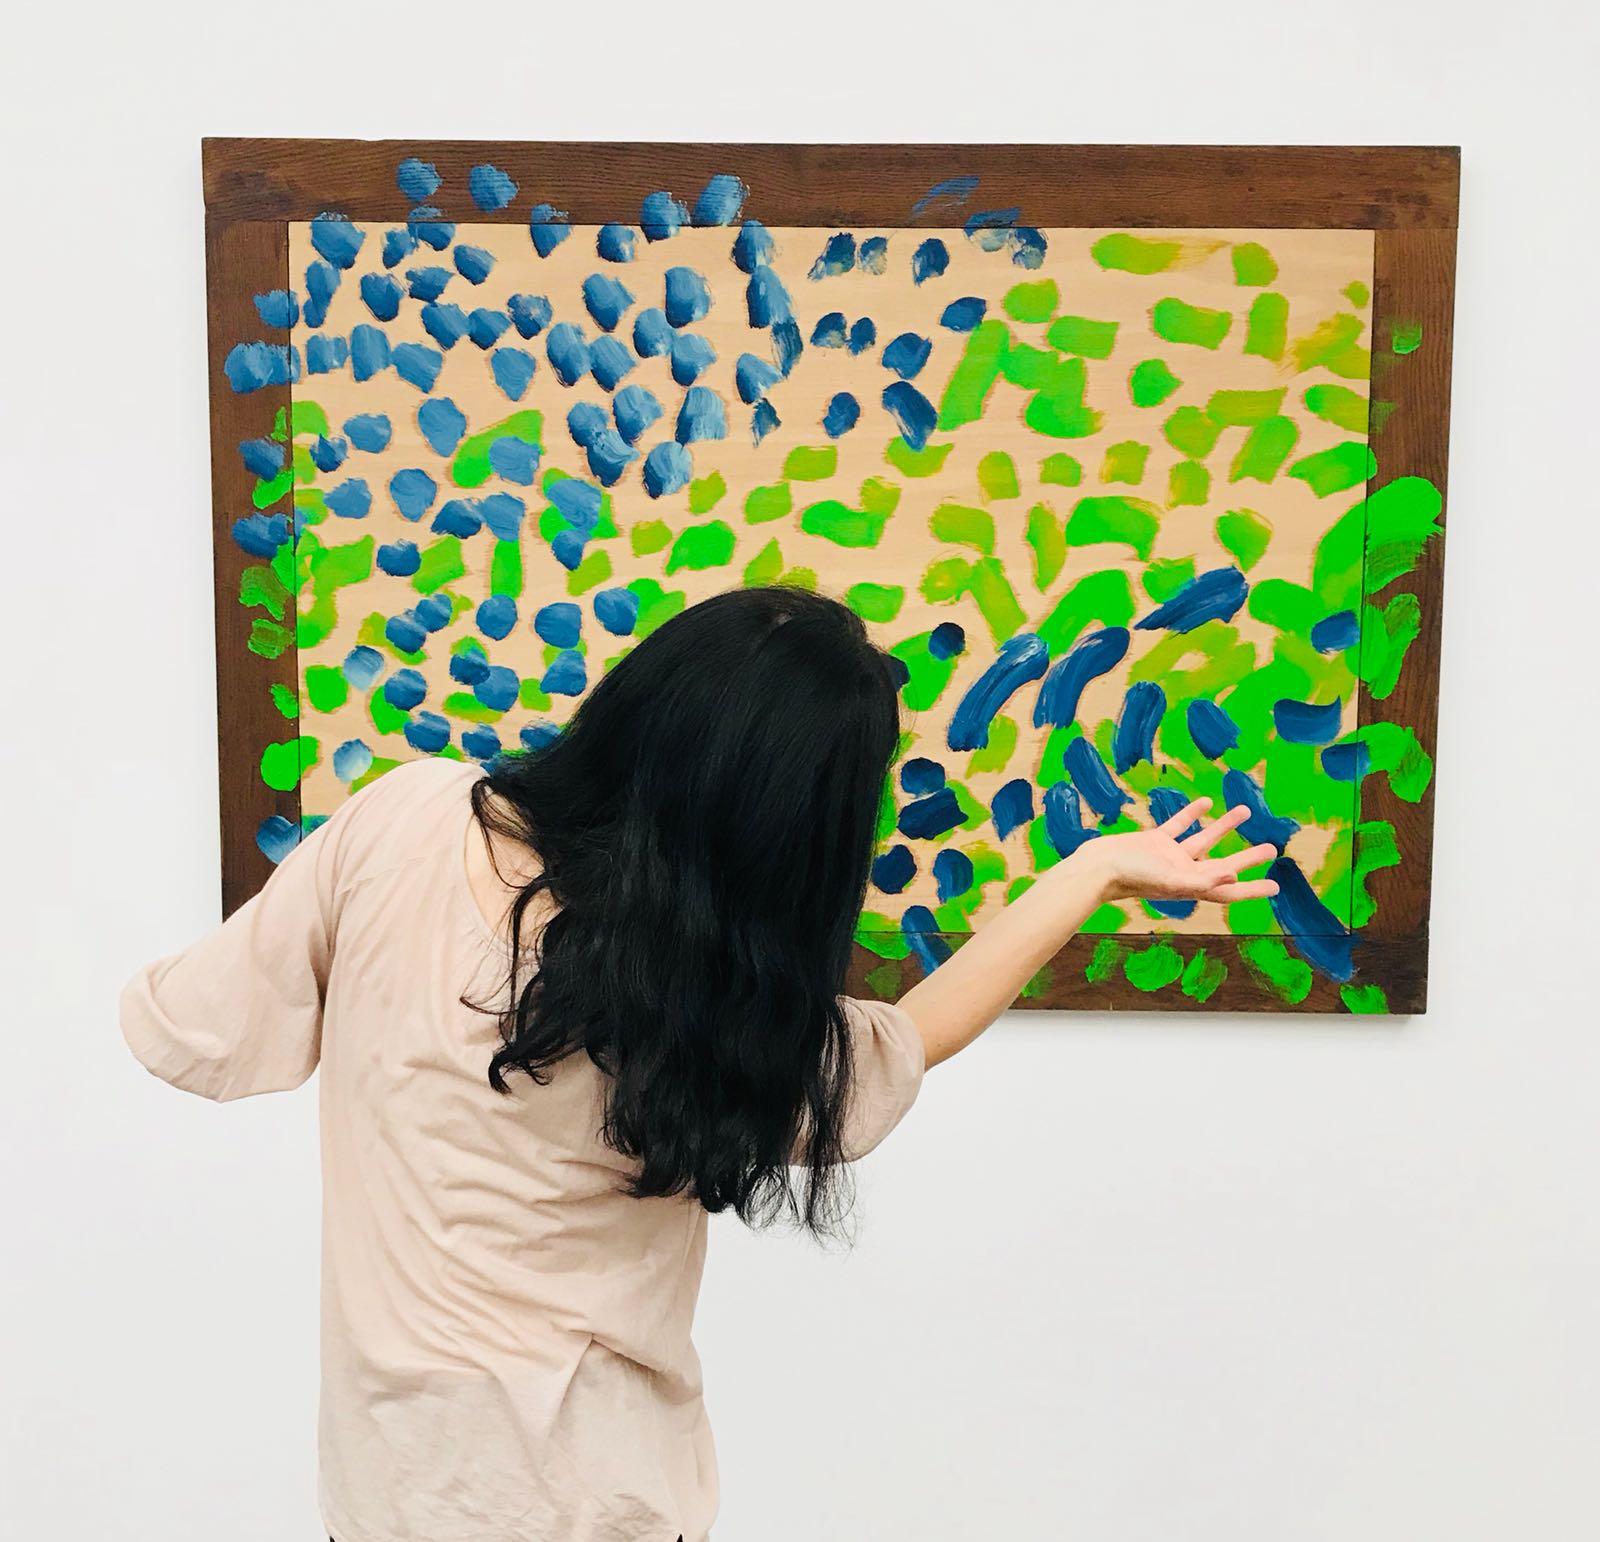 Howard Hodgkin-The art blueberry1